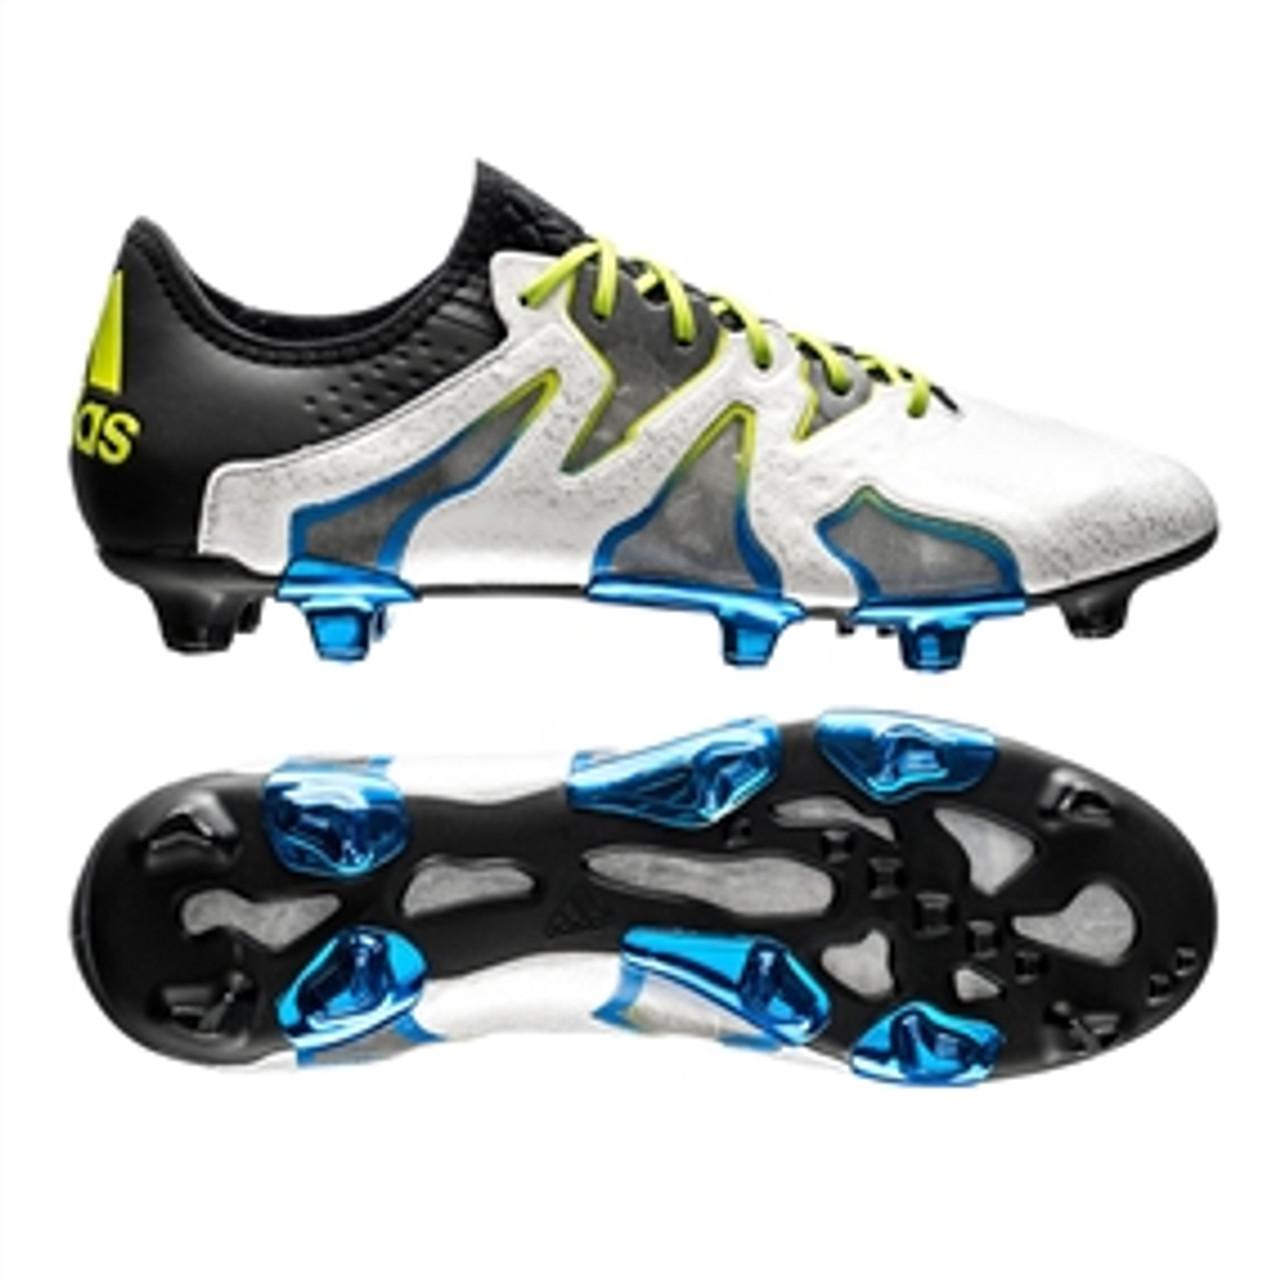 ADIDAS X 15+ SL FGAG mens soccer shoes